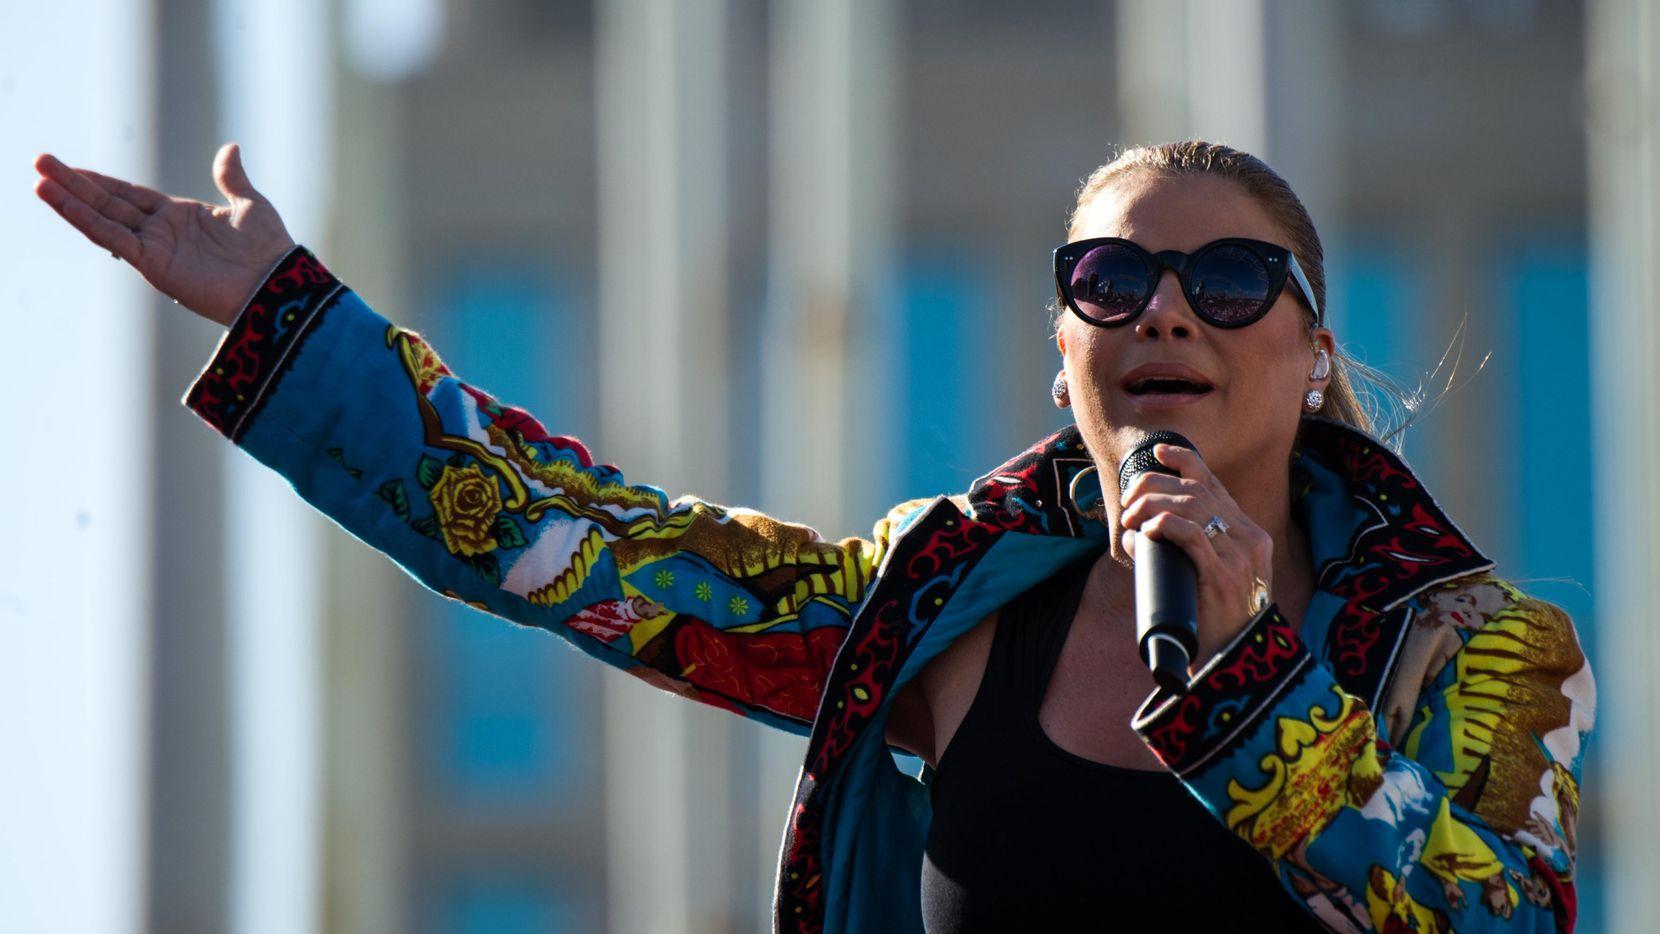 La cantante puertorriqueña Olga Tañón sacó un nuevo CD con 11 canciones de género tropical. (AFP/Getty Images/YAMIL LAGE)